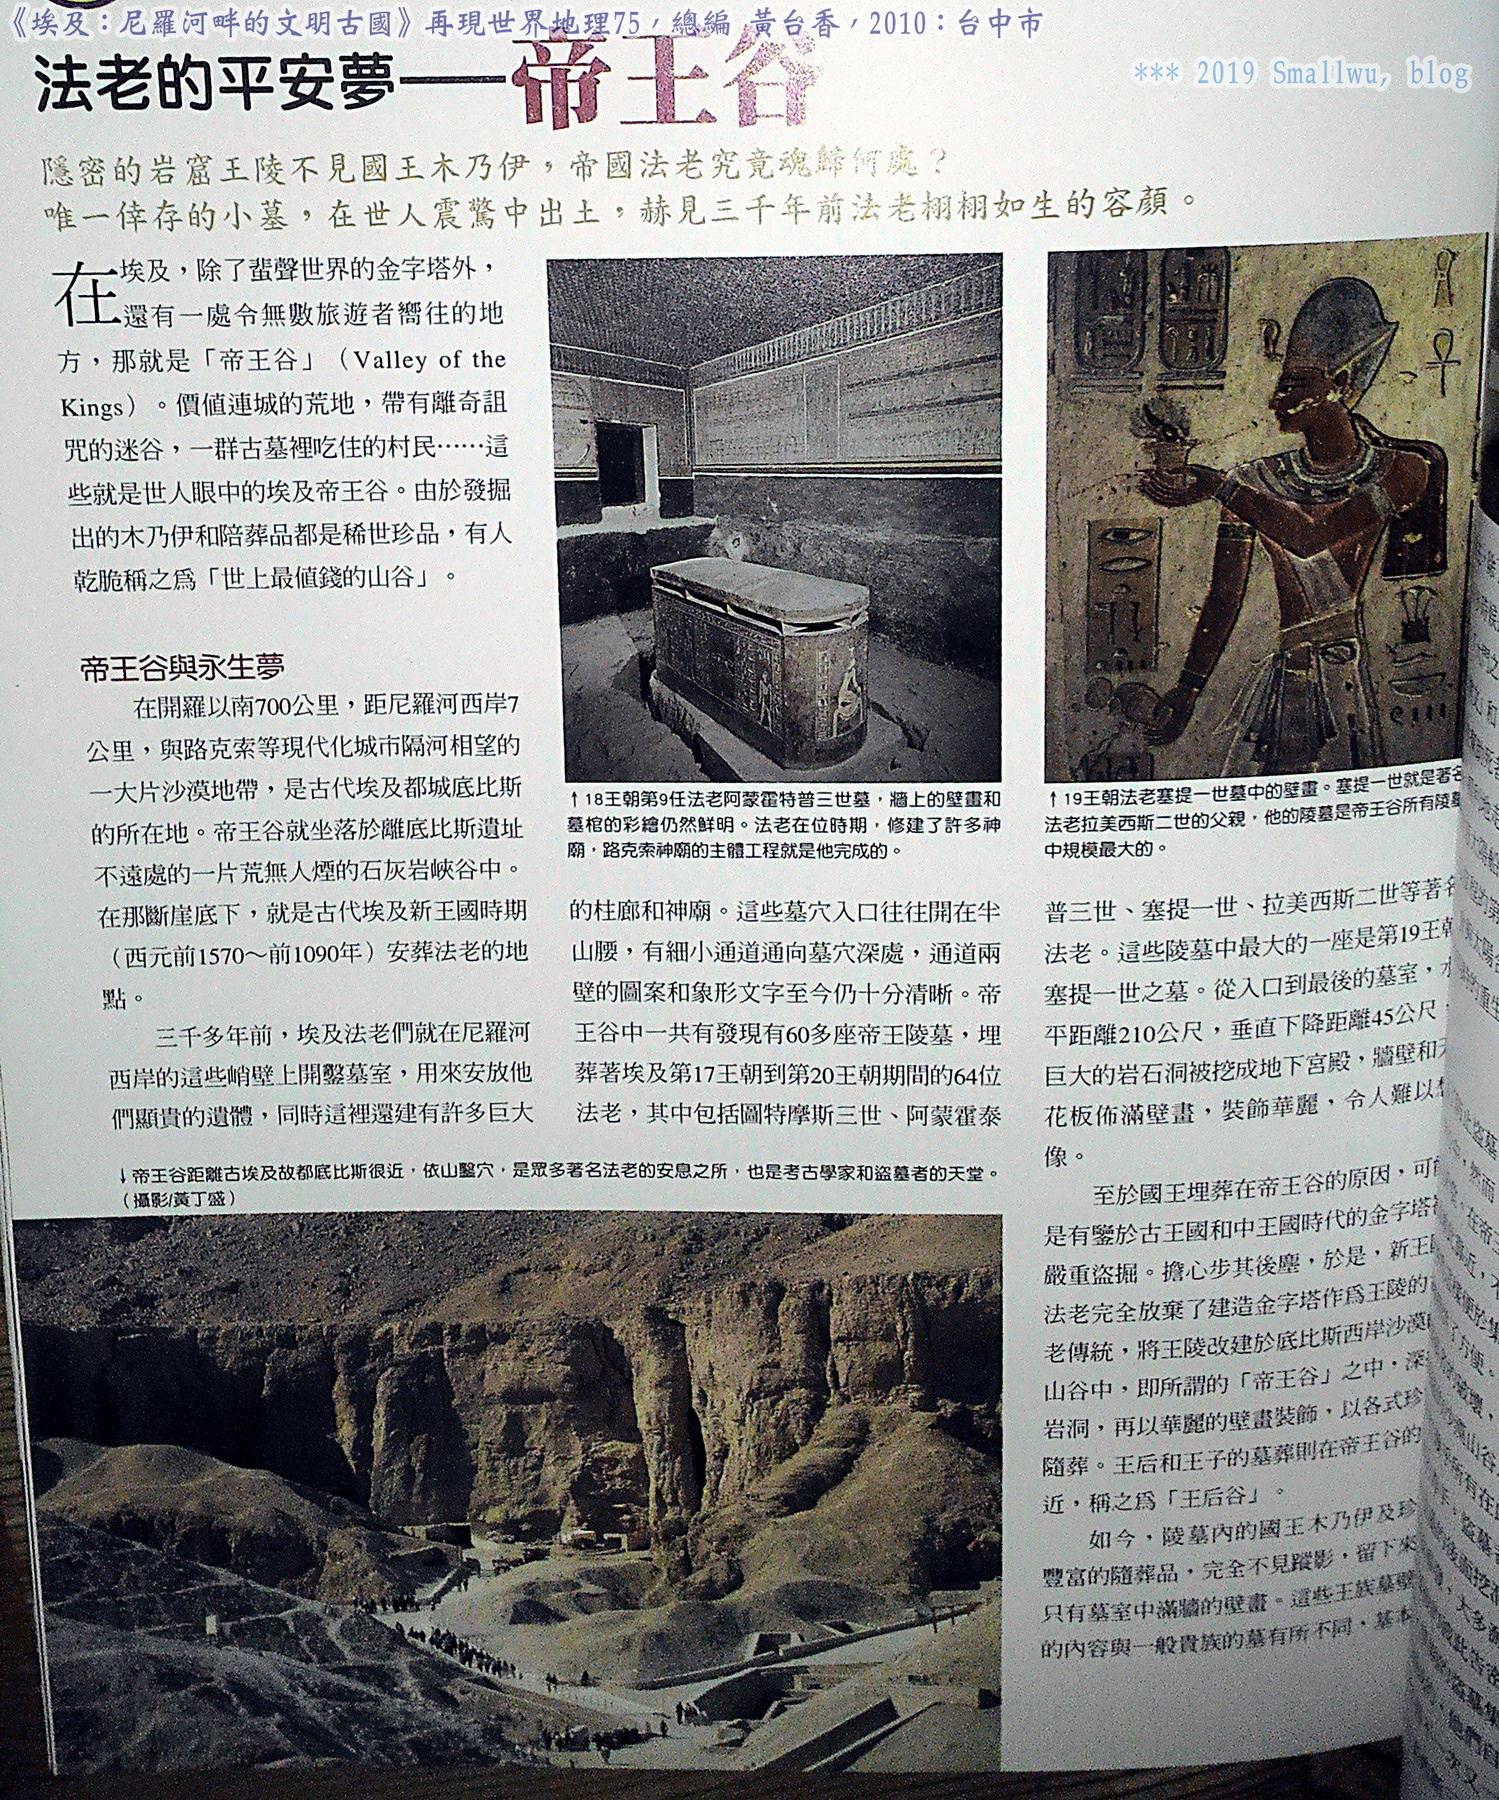 再現世界地理75-埃及-尼羅河畔的文明古國_05 帝王谷 內外部.jpg